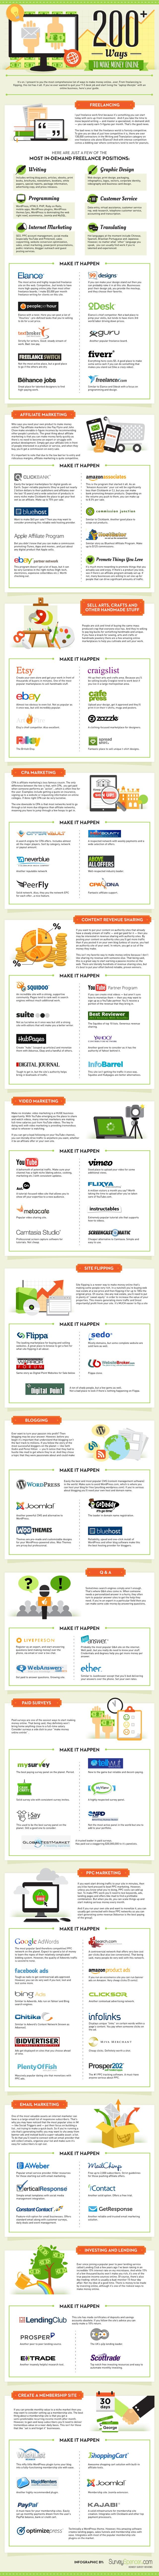 200 ways to make money online